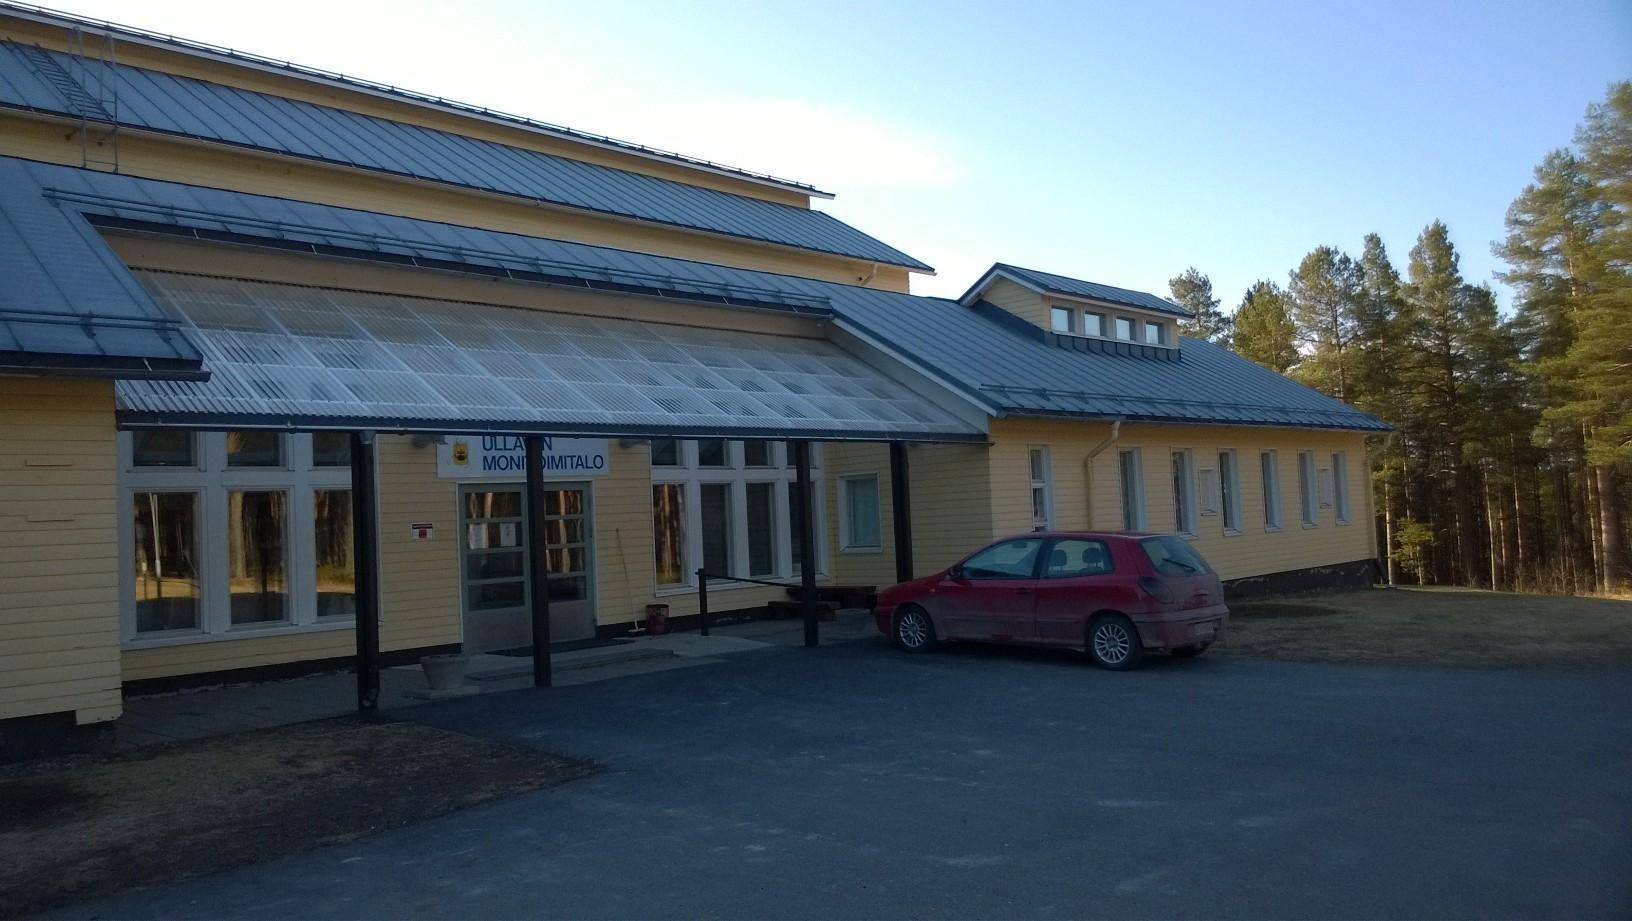 Rahkosen kirjasto